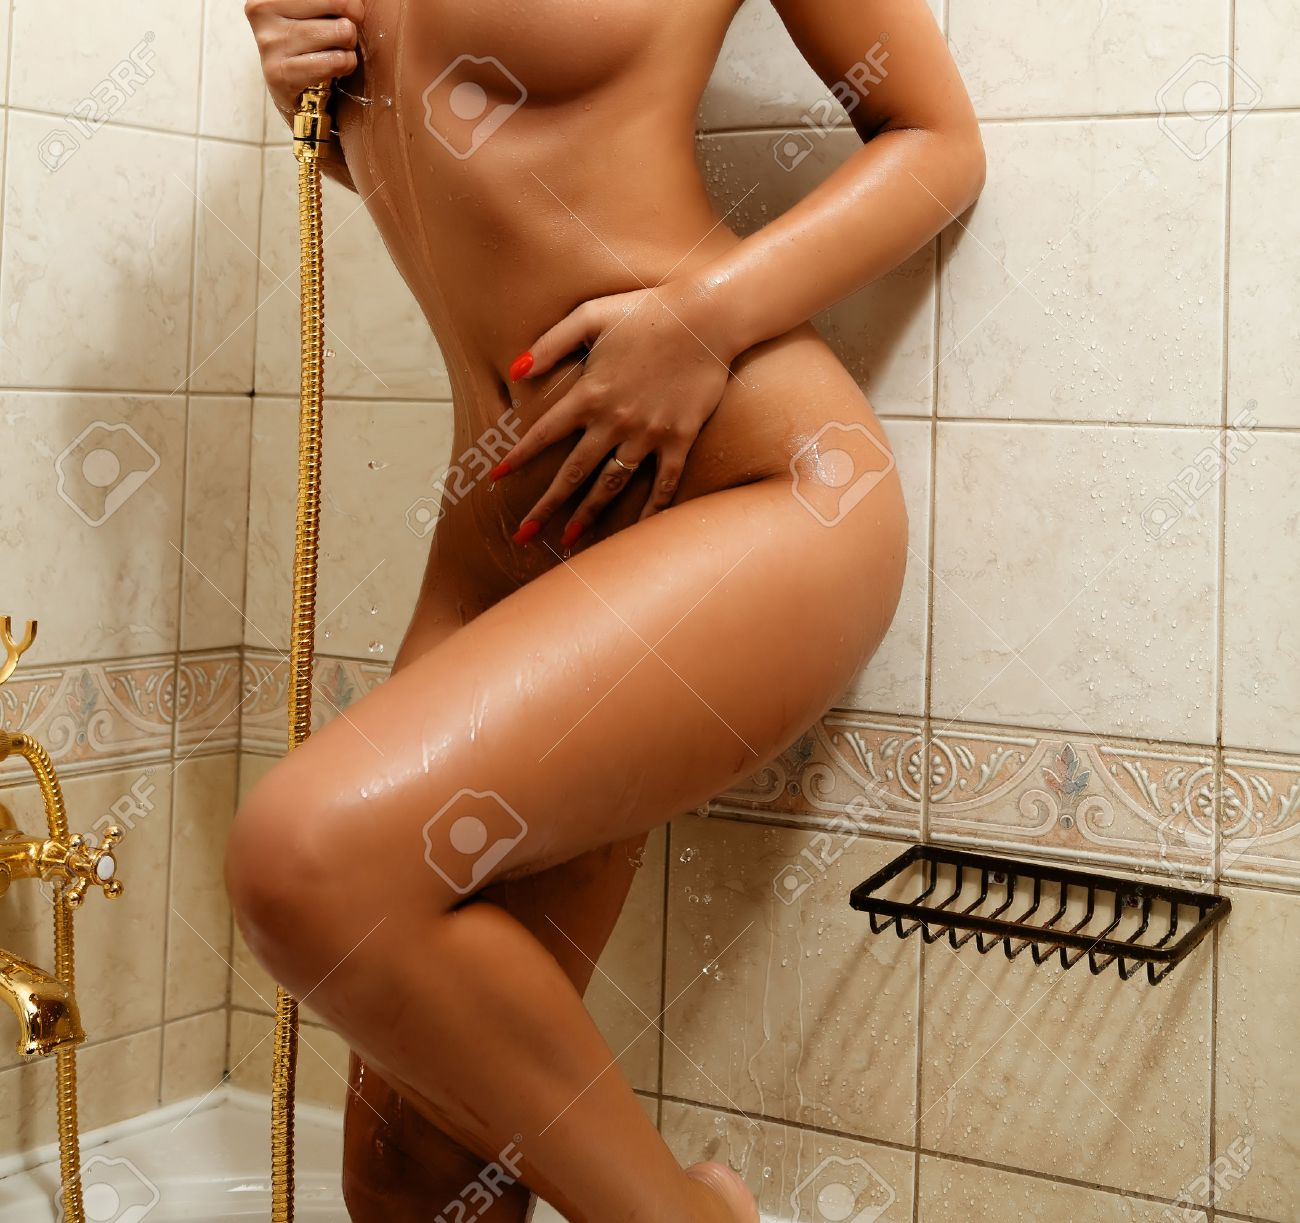 Sexy Mujer Desnuda Masturbándose En La Ducha